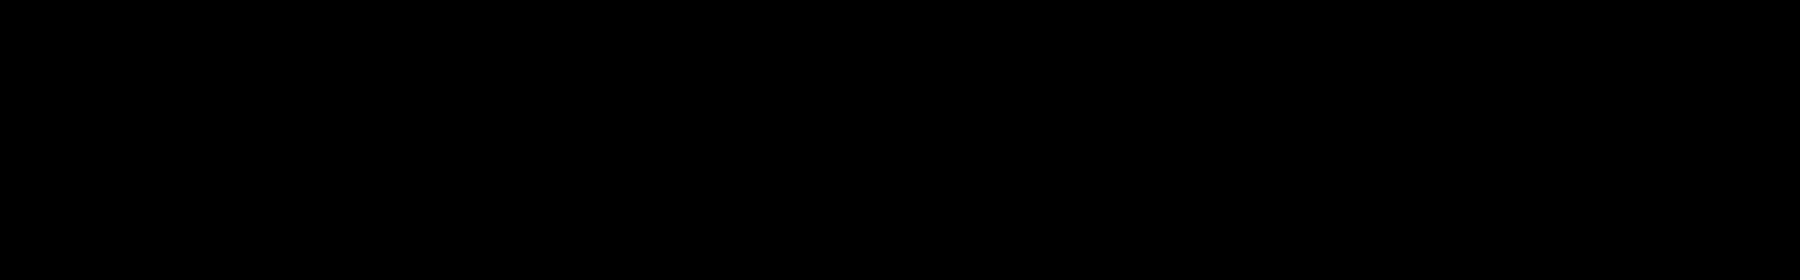 Billie 3 audio waveform